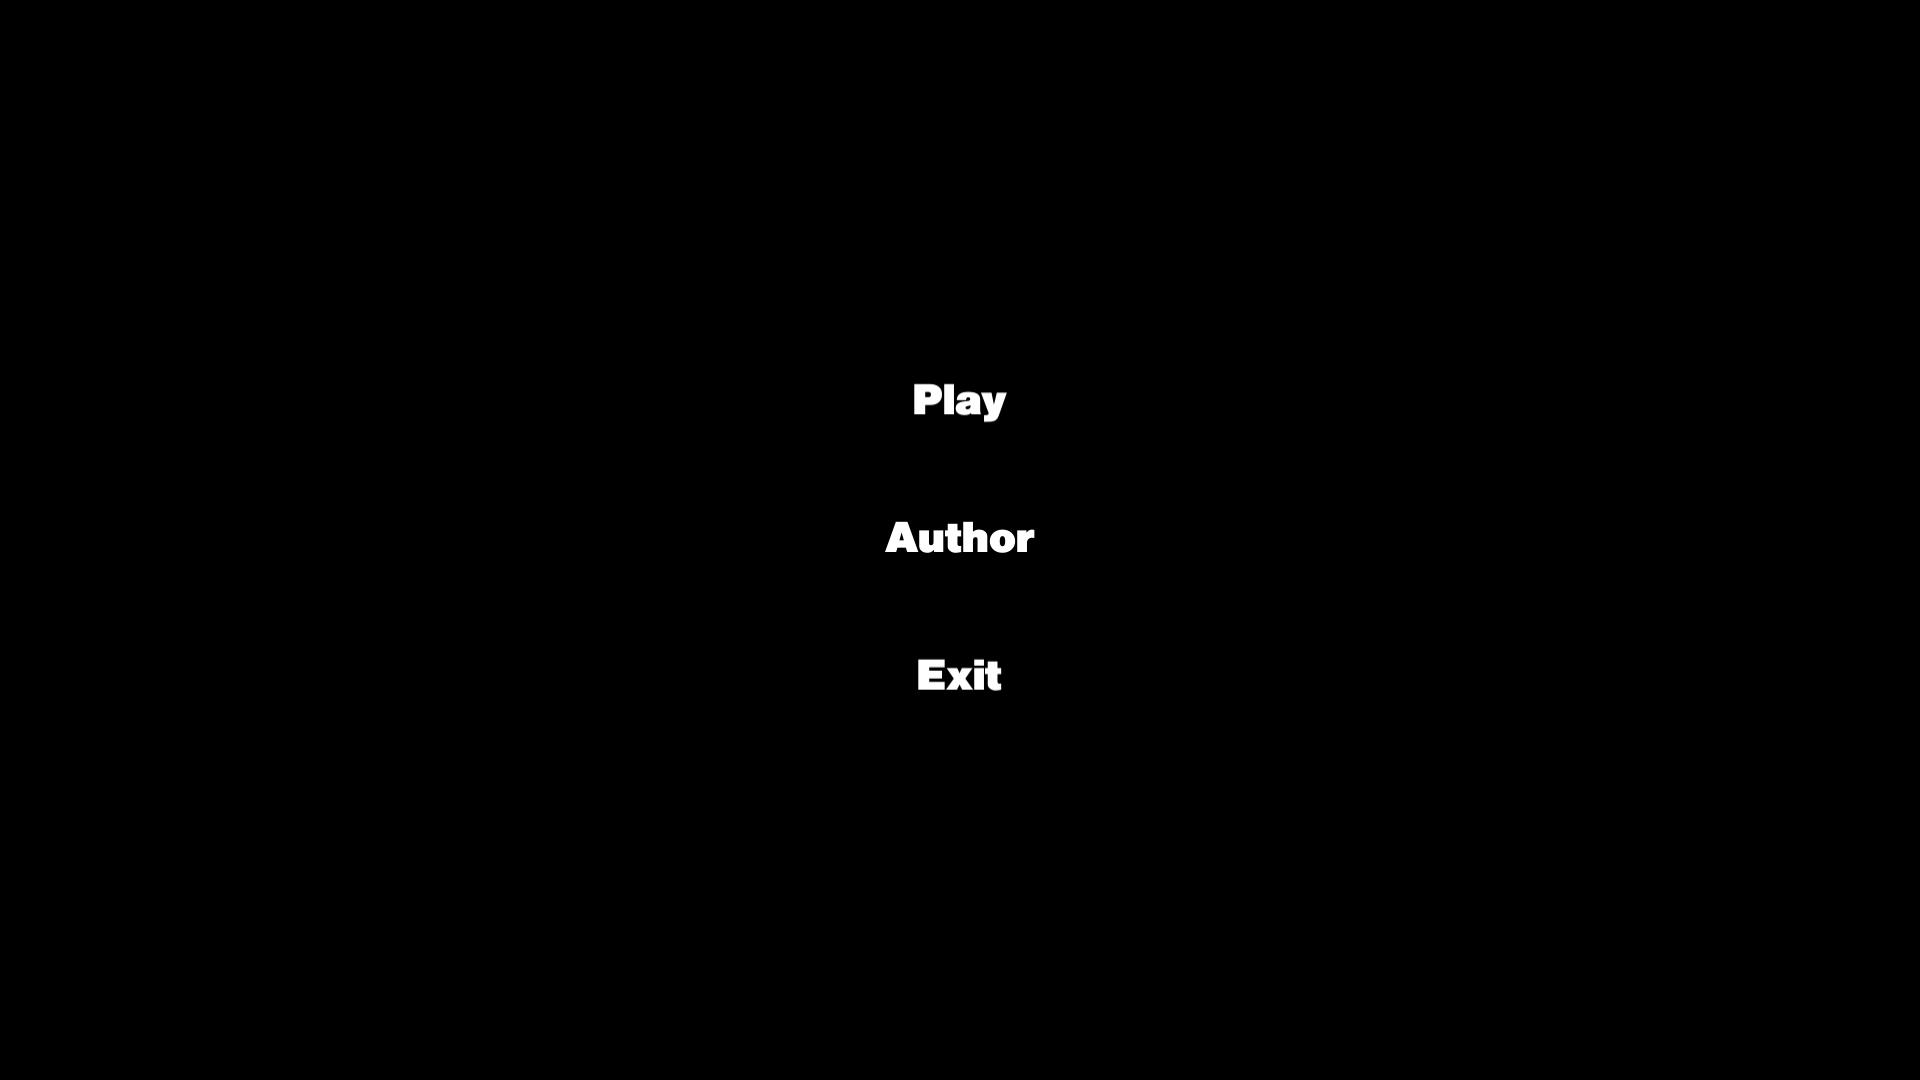 the game | Симулятор Тирана, Hammerfight 2 и неправильный Sonic | В разработке #125